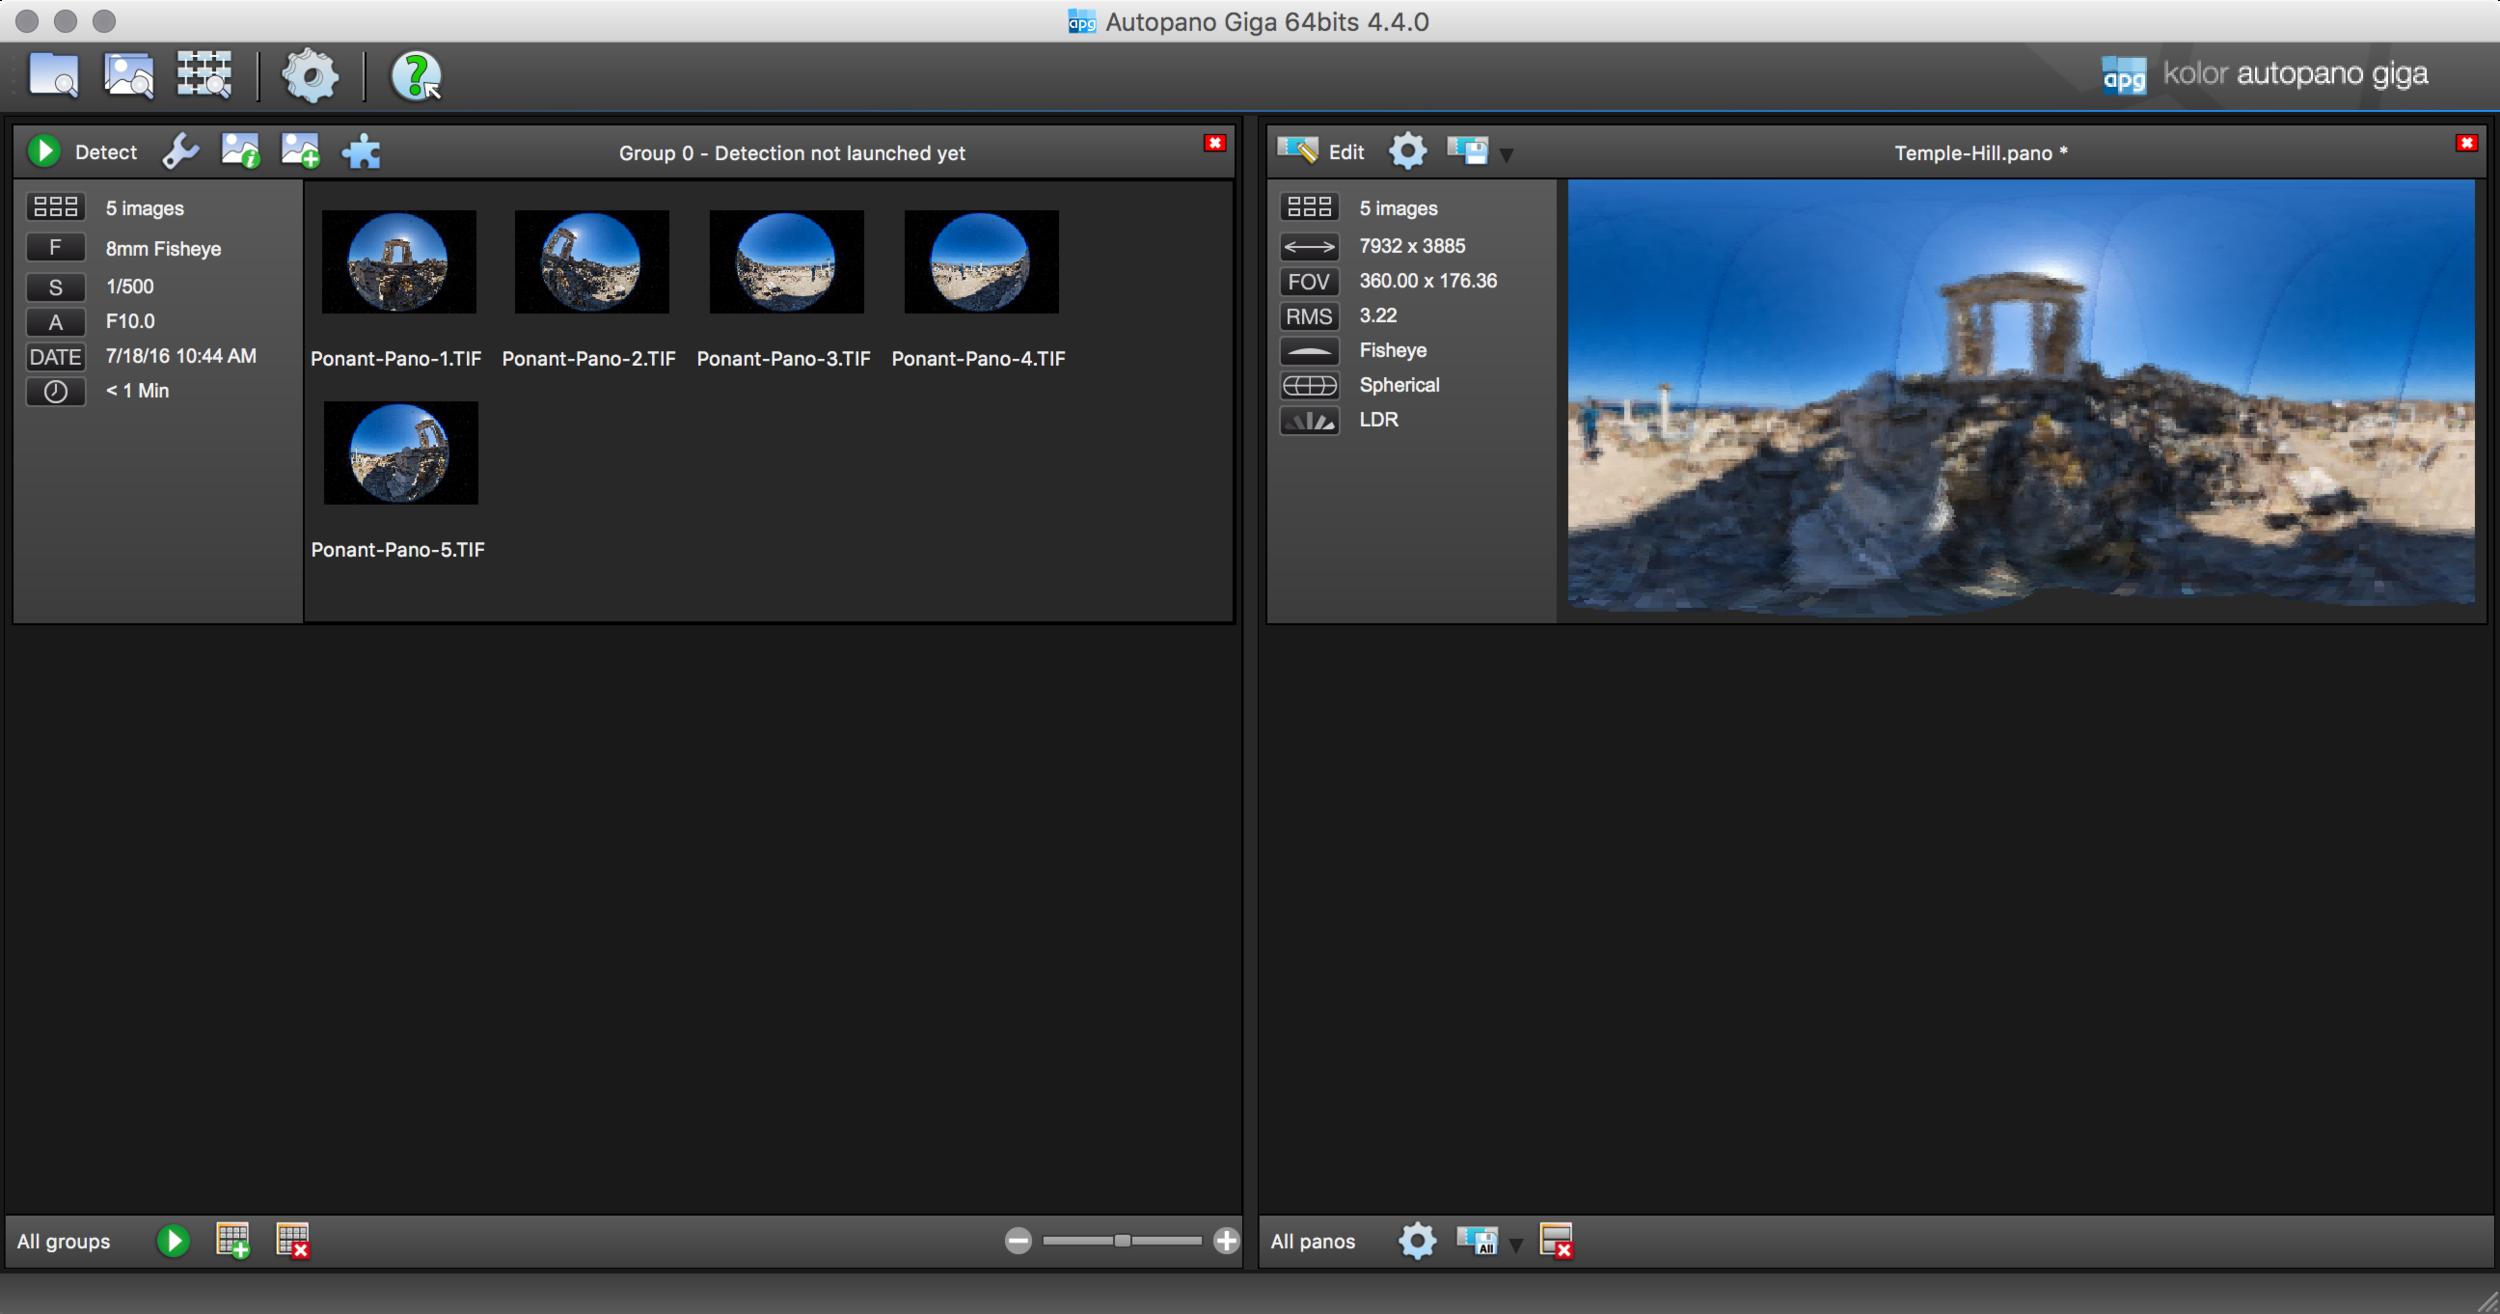 Detect and Edit screens